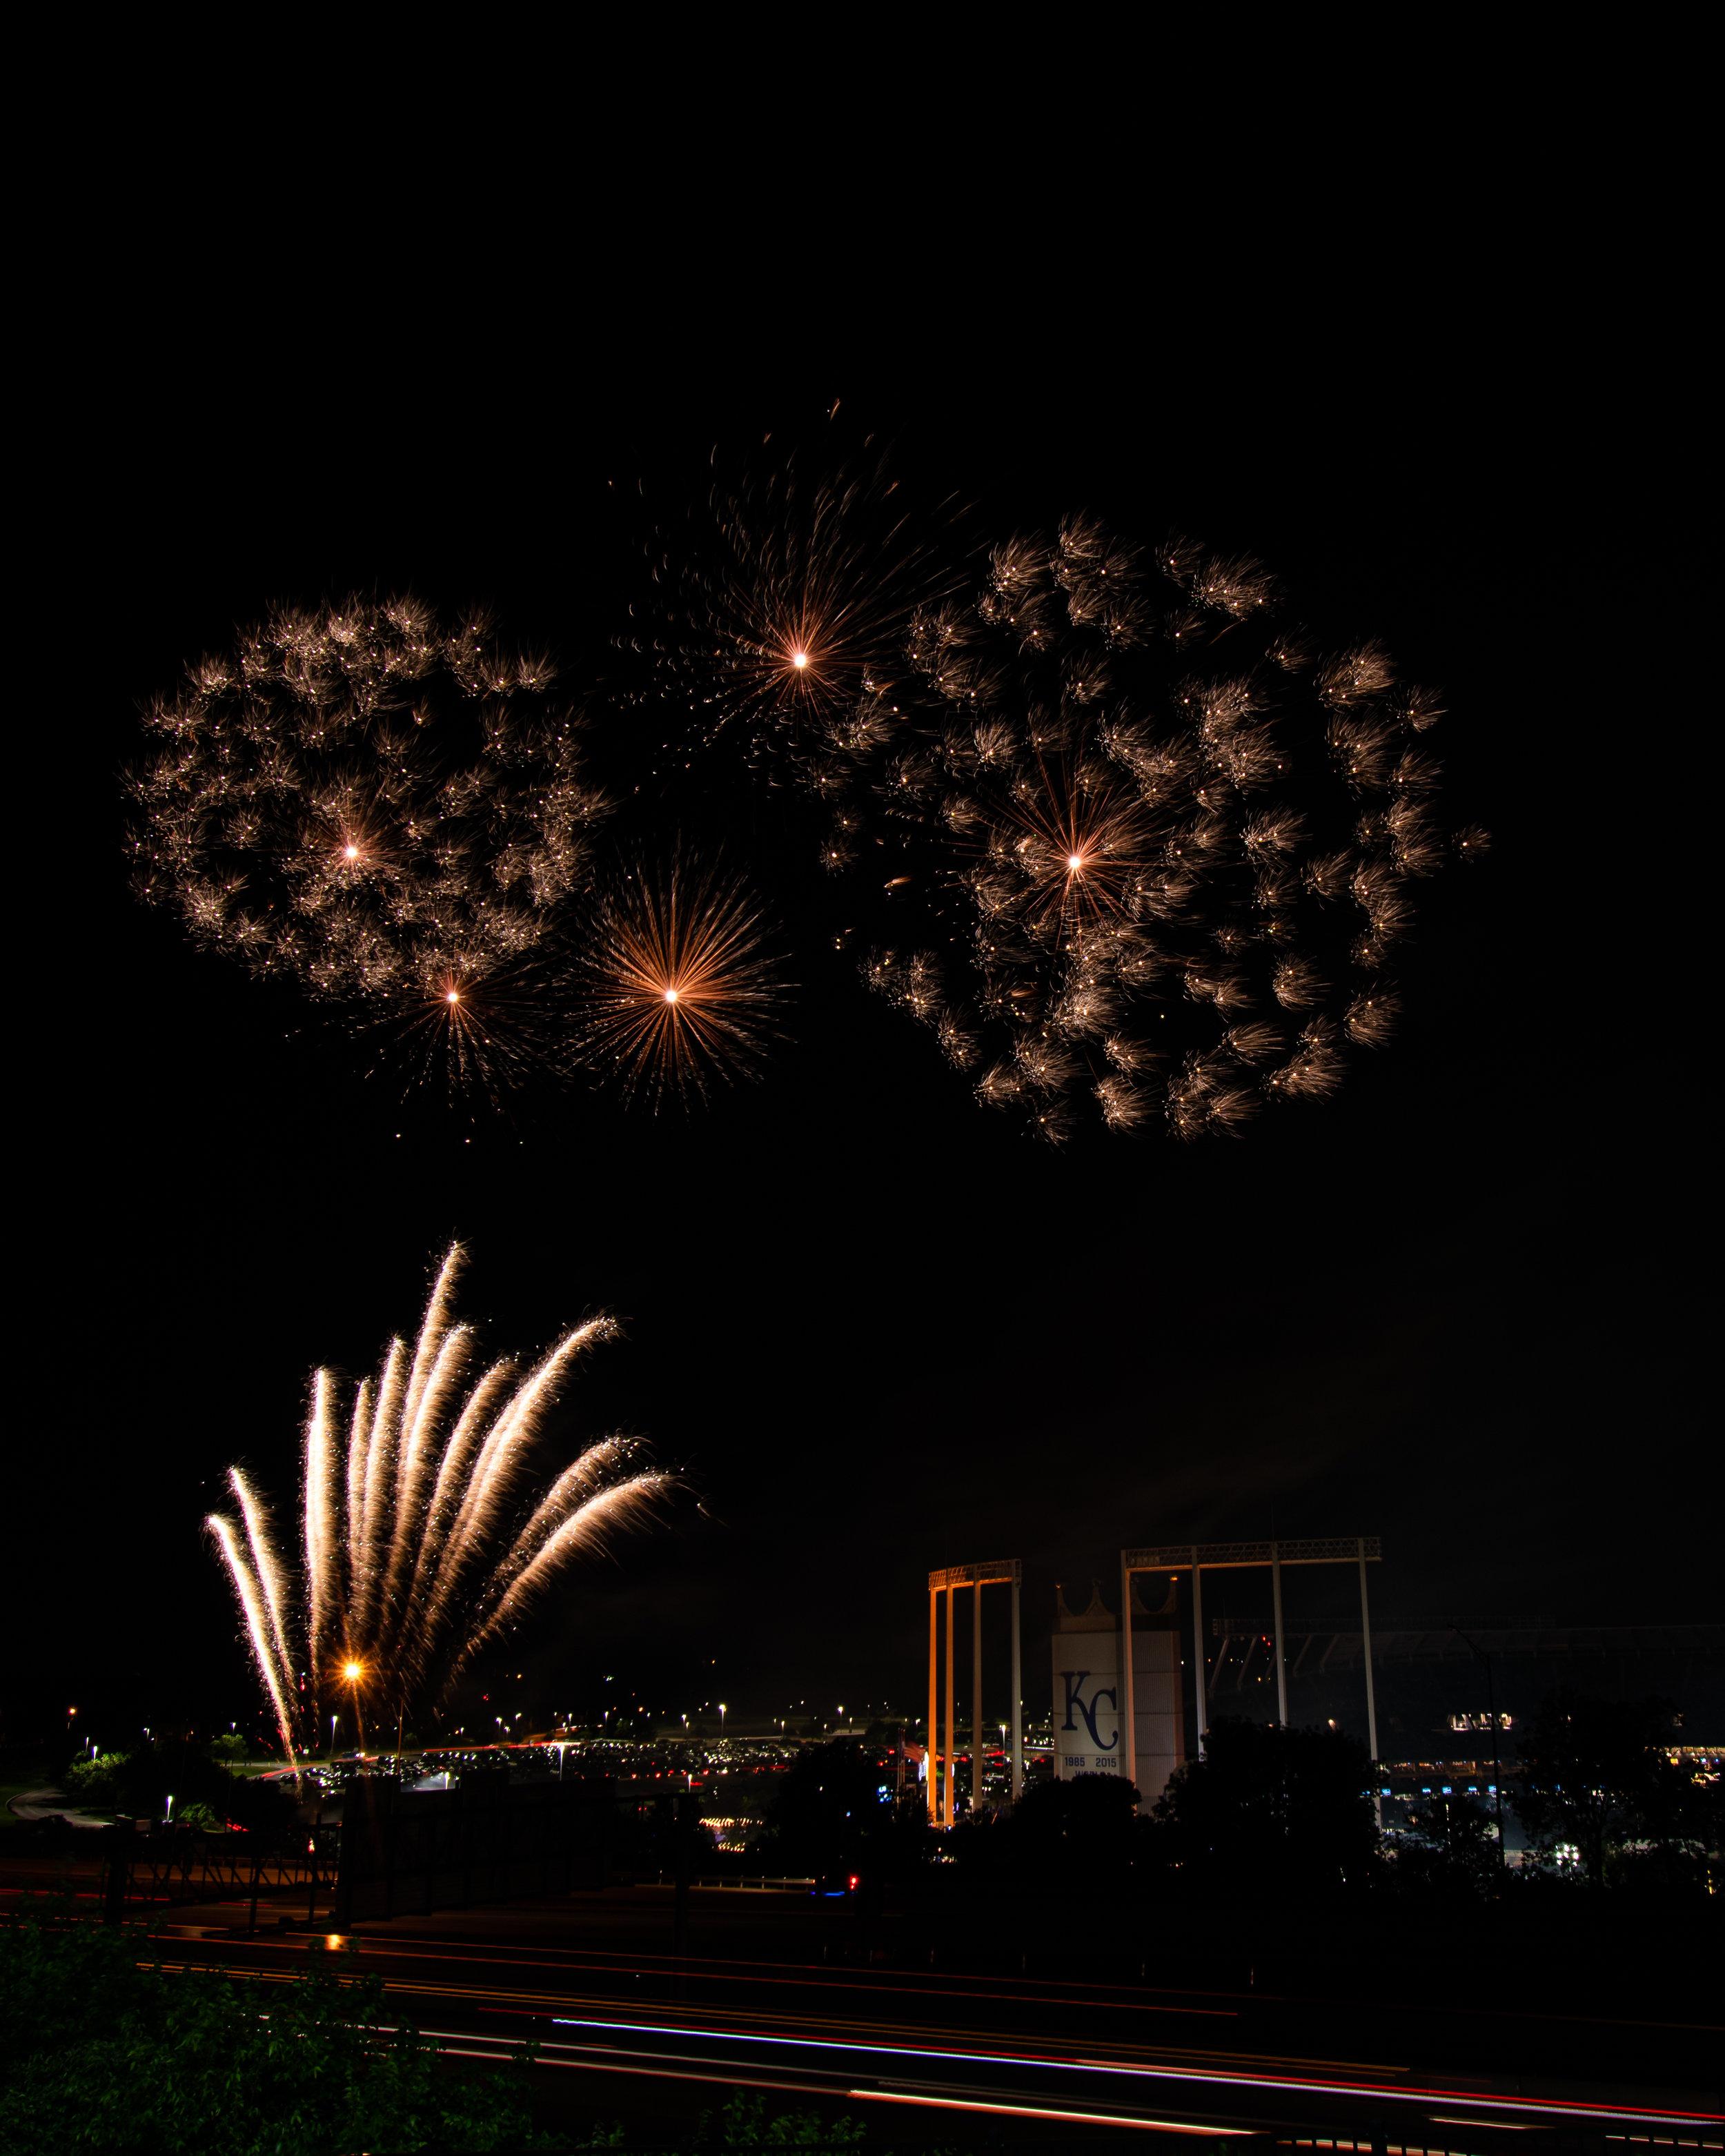 firework-friday-40-of-51_48108321333_o.jpg